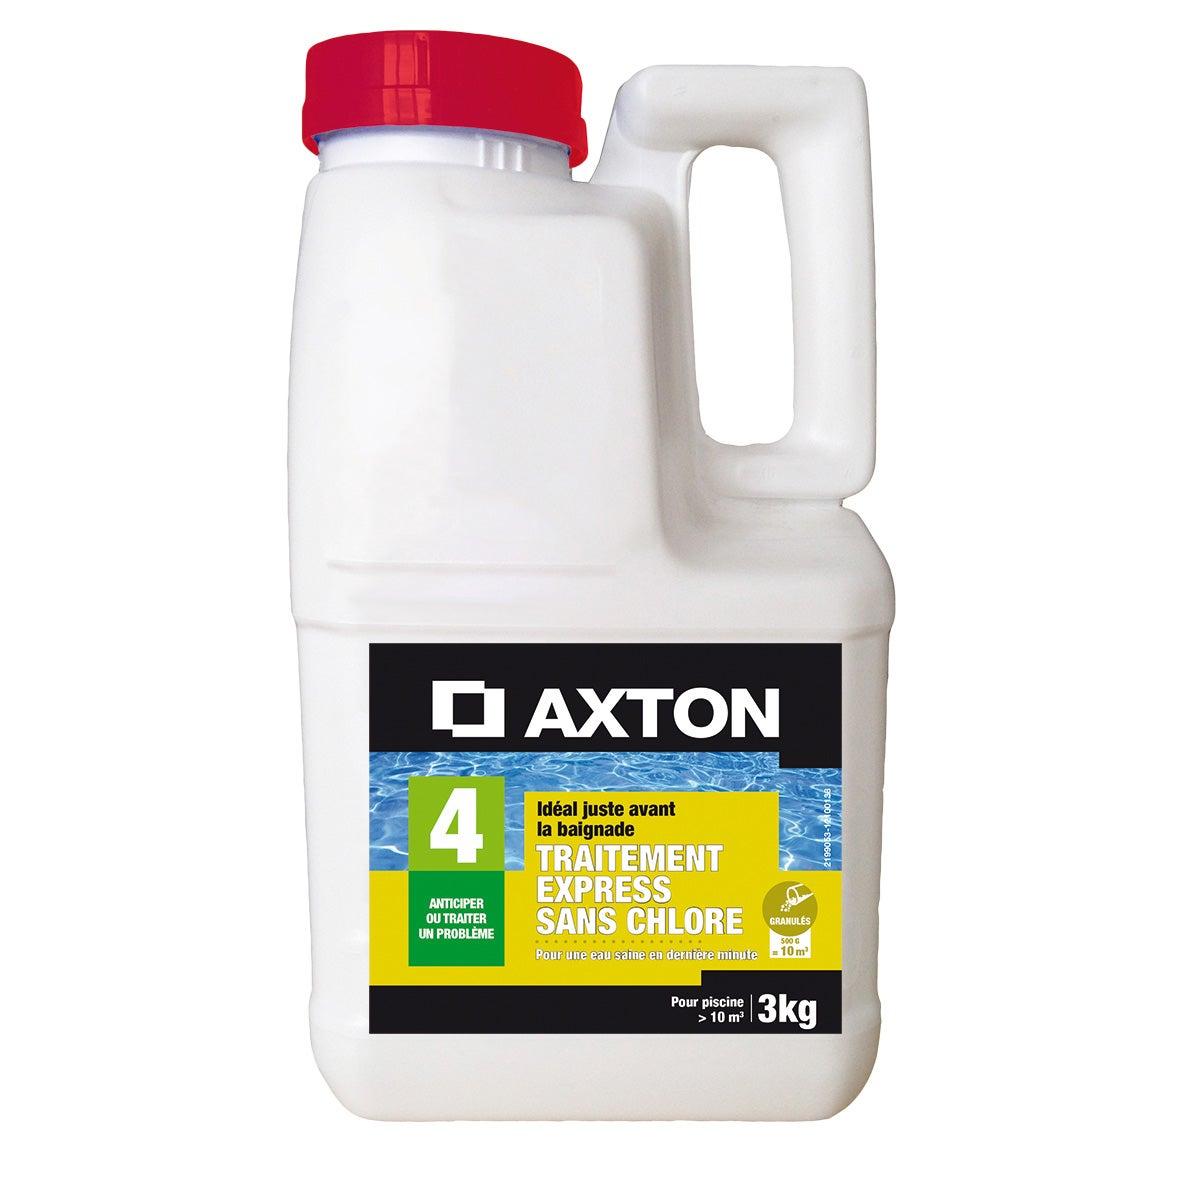 Oxygène Actif Piscine Axton, Granulé 3 Kg avec Traitement Piscine Oxygène Actif